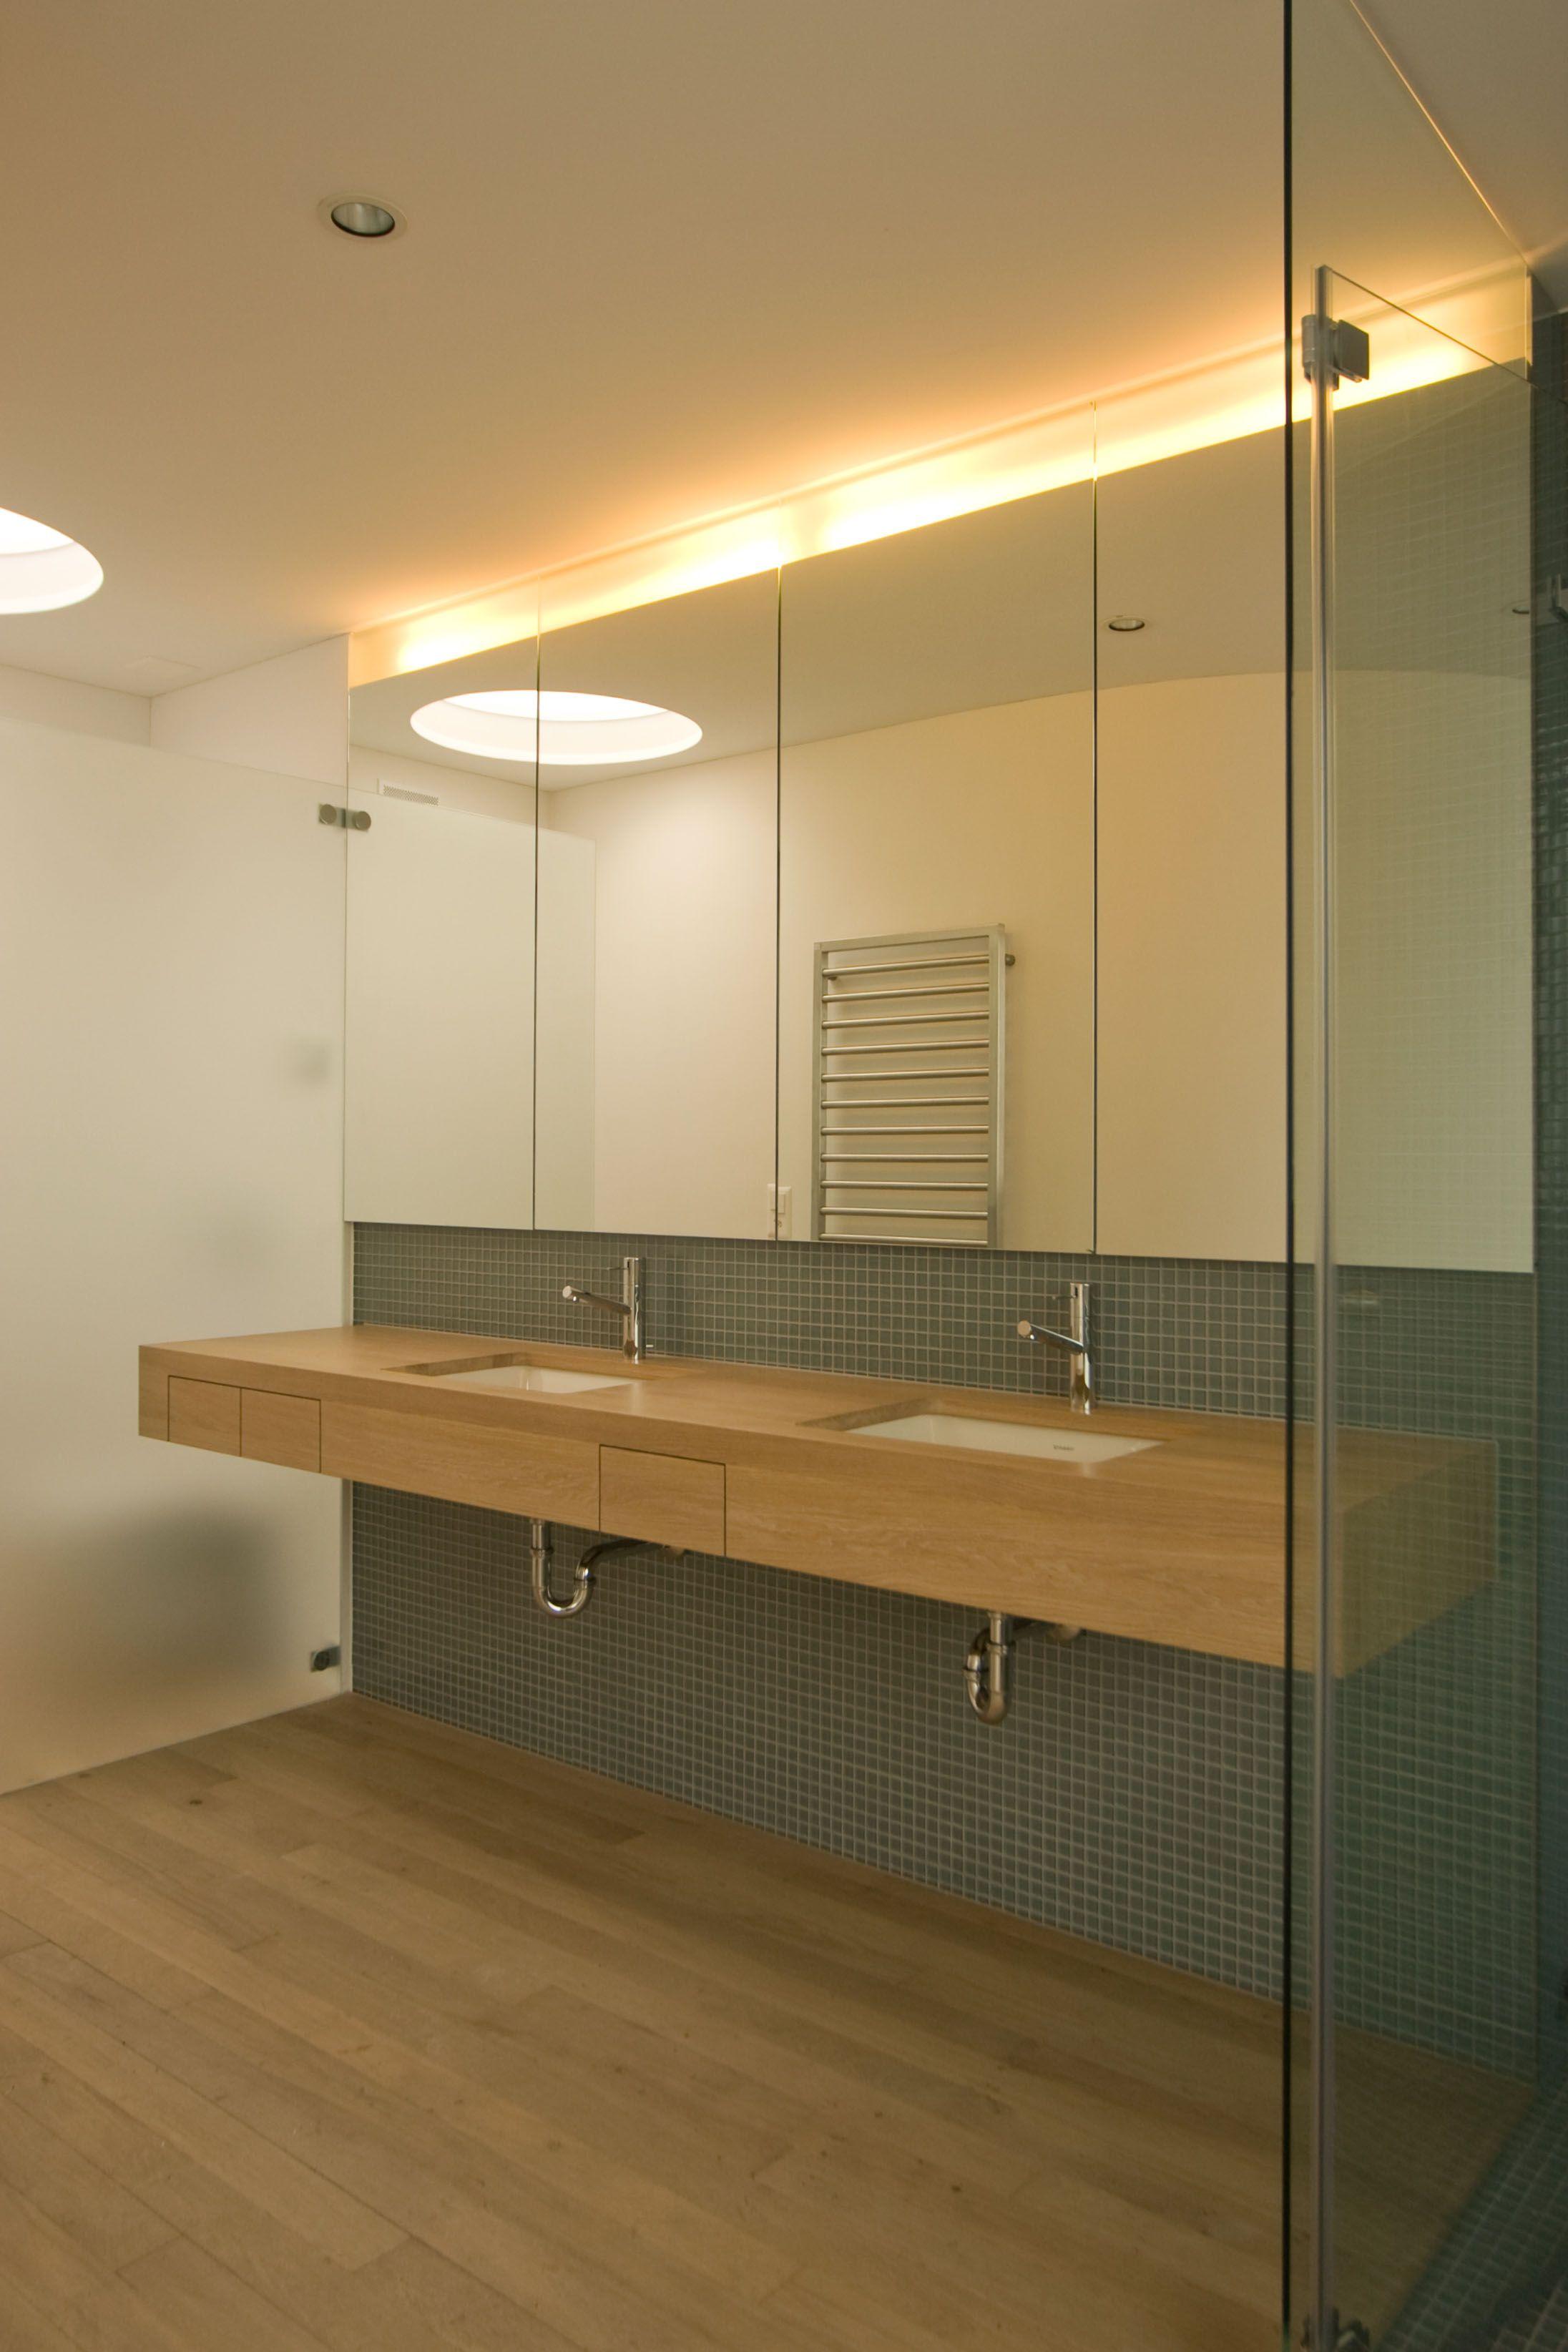 Badezimmermöbel eiche massiv  Waschtisch in Eiche massiv | # B A D | Pinterest | Waschtisch ...